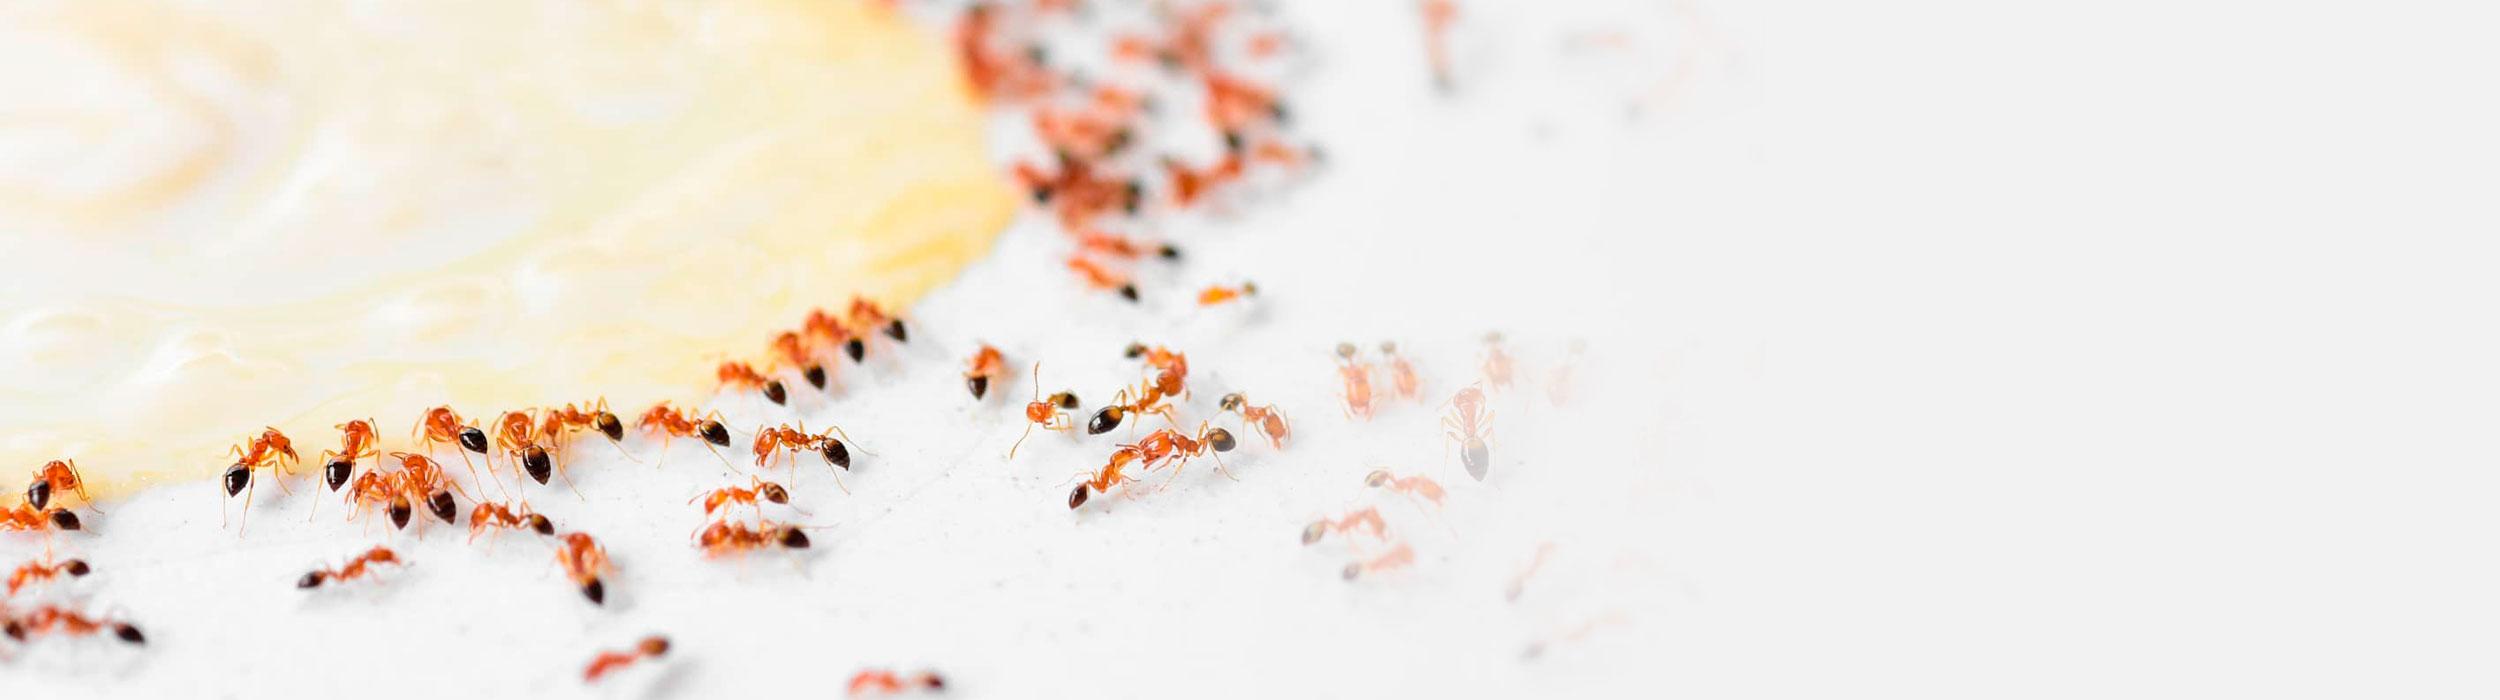 empresa eliminar plagas hormigas control de plagas